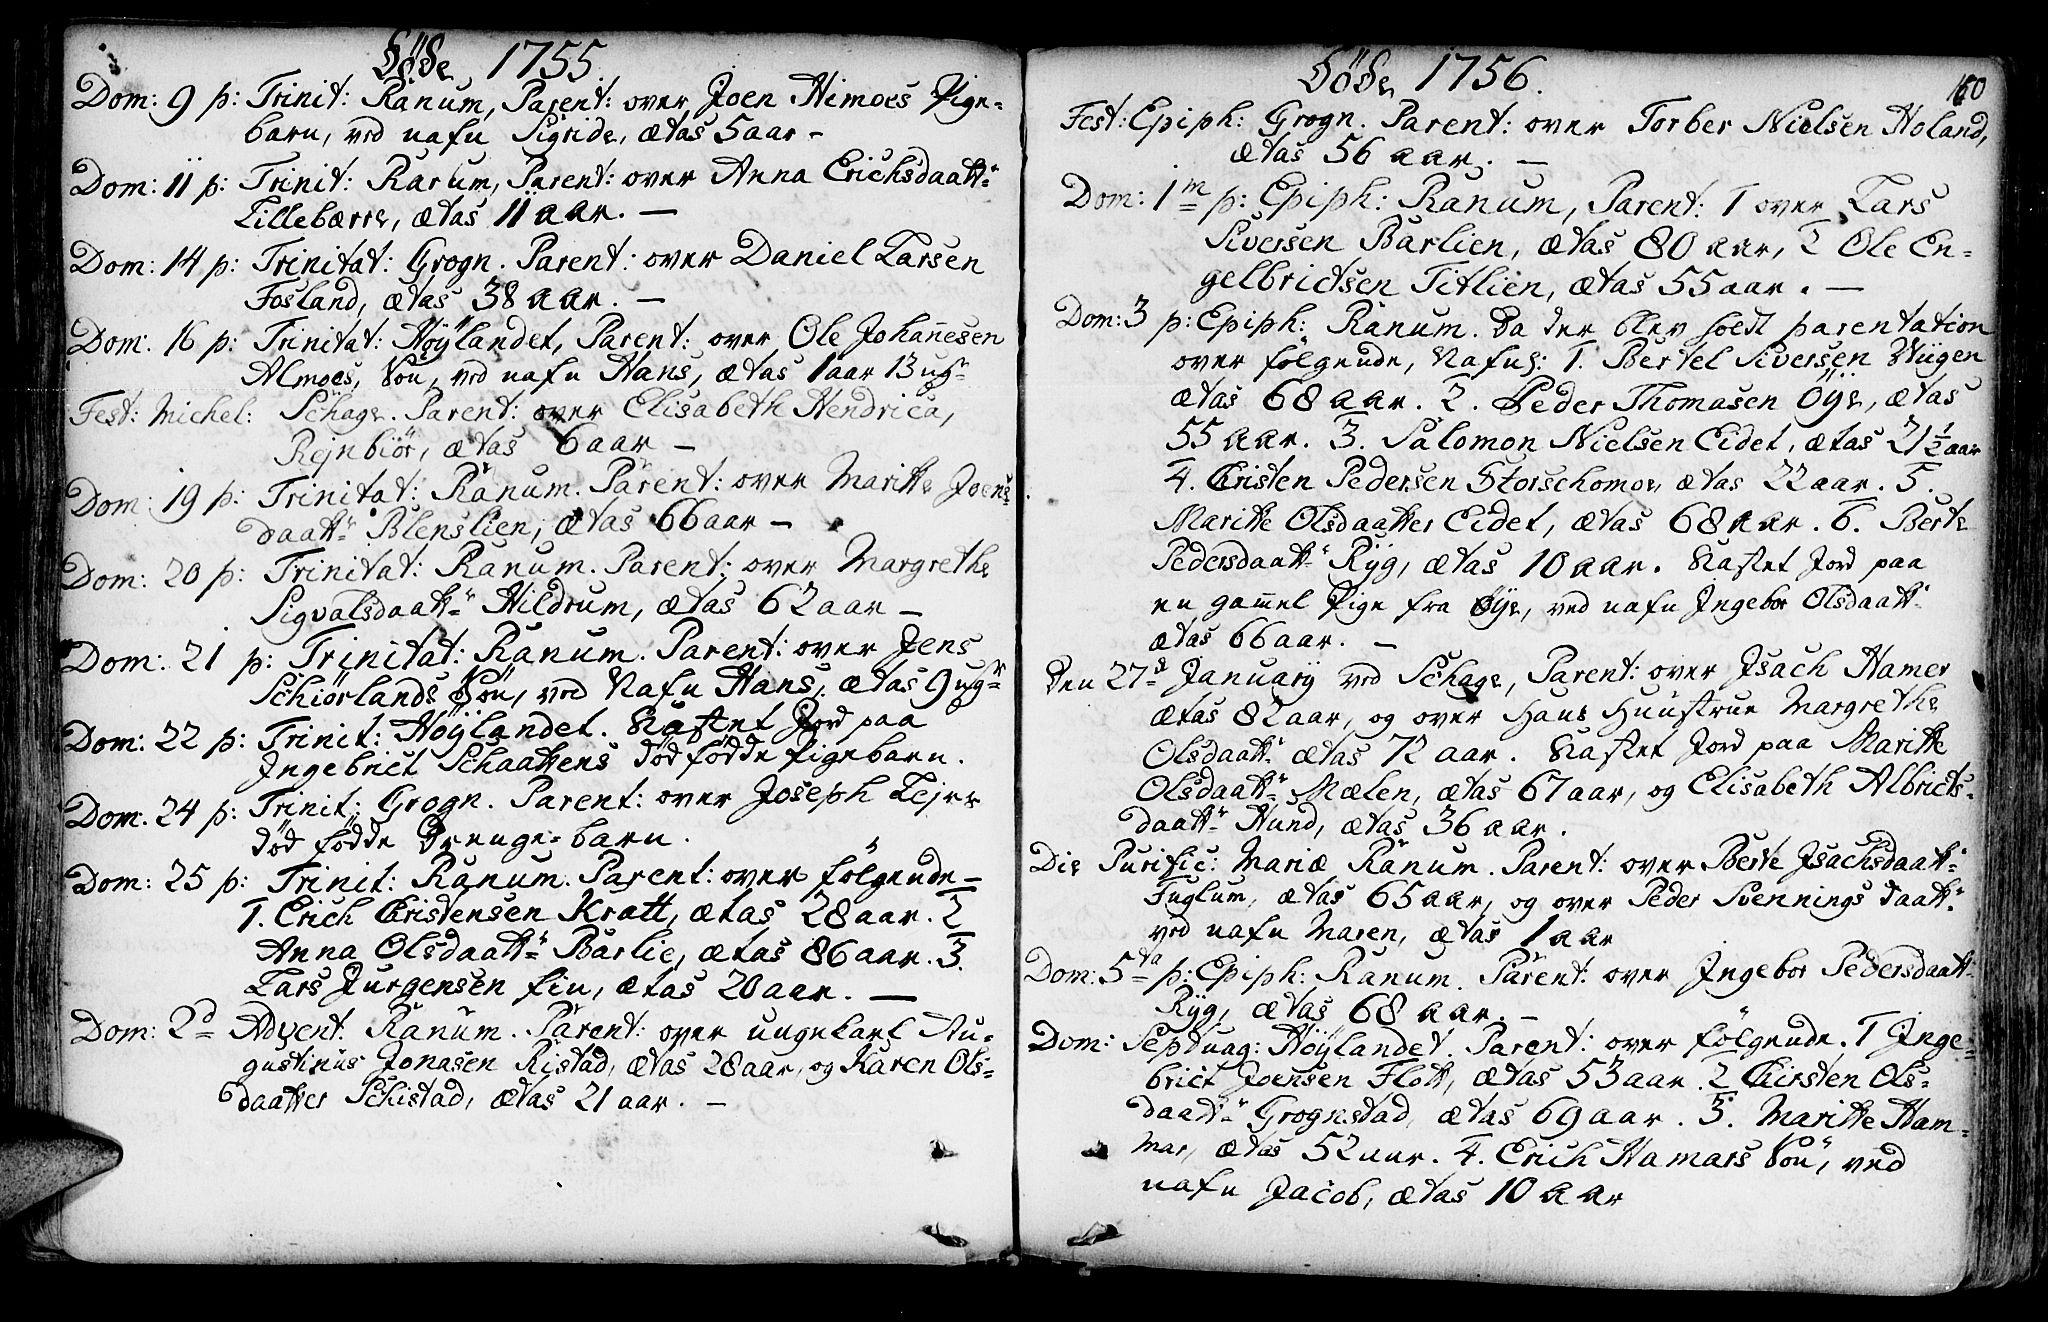 SAT, Ministerialprotokoller, klokkerbøker og fødselsregistre - Nord-Trøndelag, 764/L0542: Ministerialbok nr. 764A02, 1748-1779, s. 160